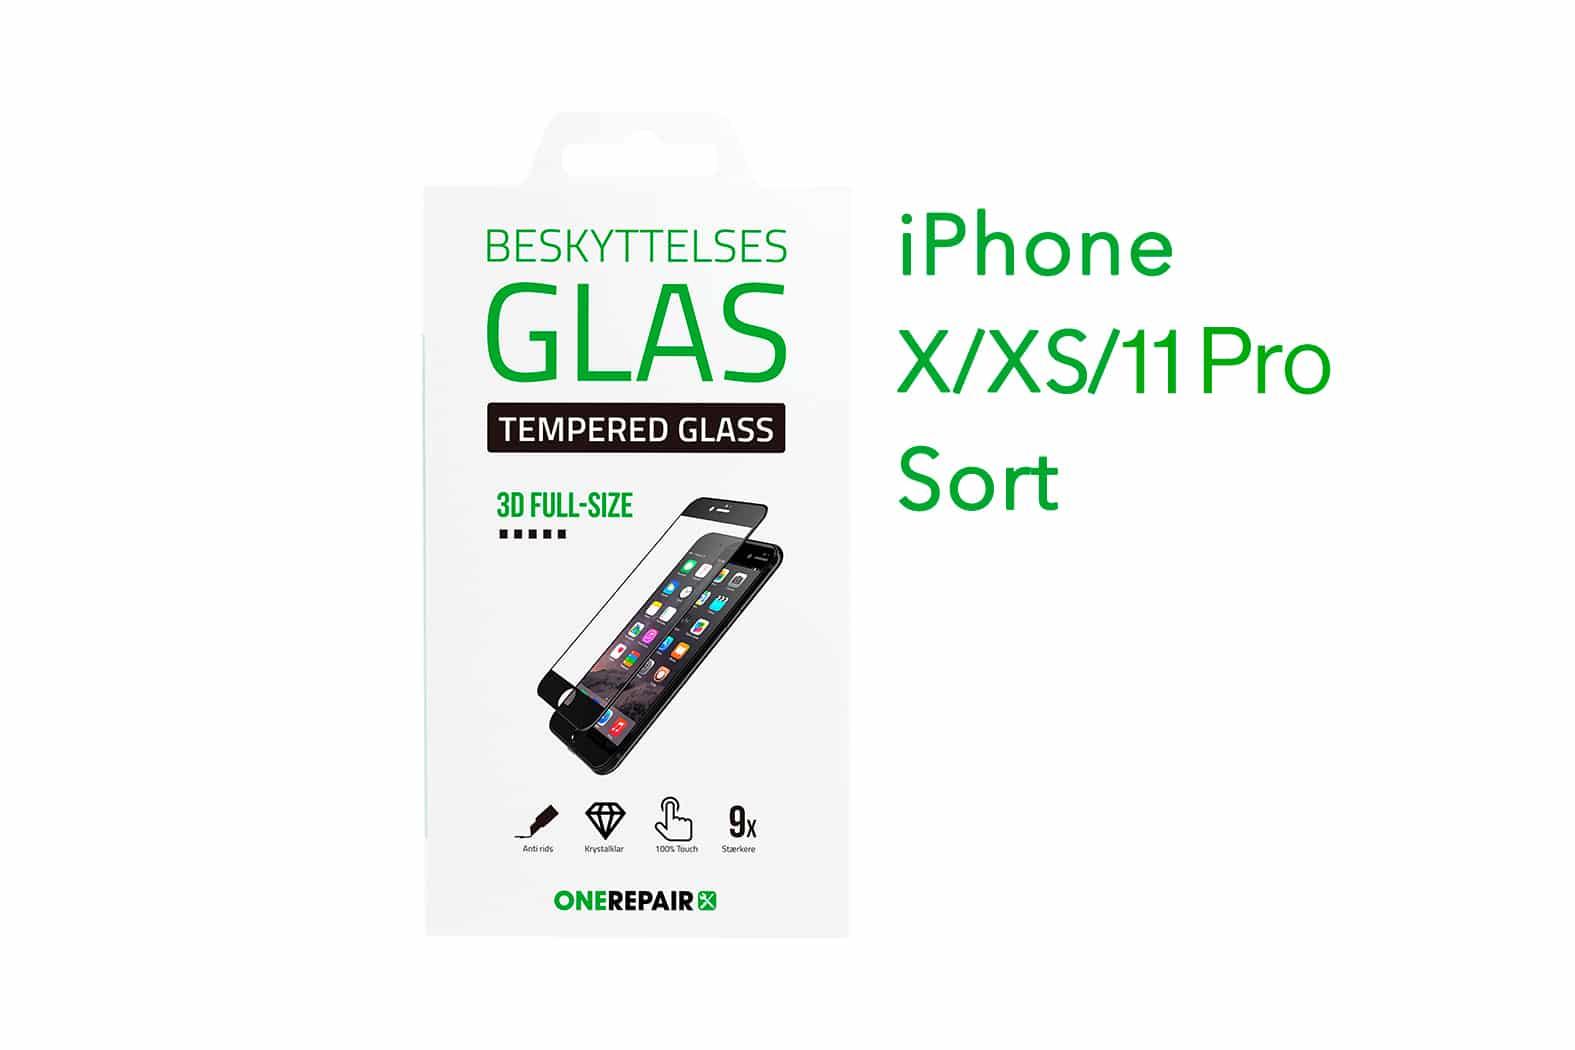 351278_iPhone_X_XS_11_Pro_Fullsize_Full_Size_3D_Beskyttelses_glas_Panser_Panzer_Tempered_Glass_Hvid_OneRepair_00001